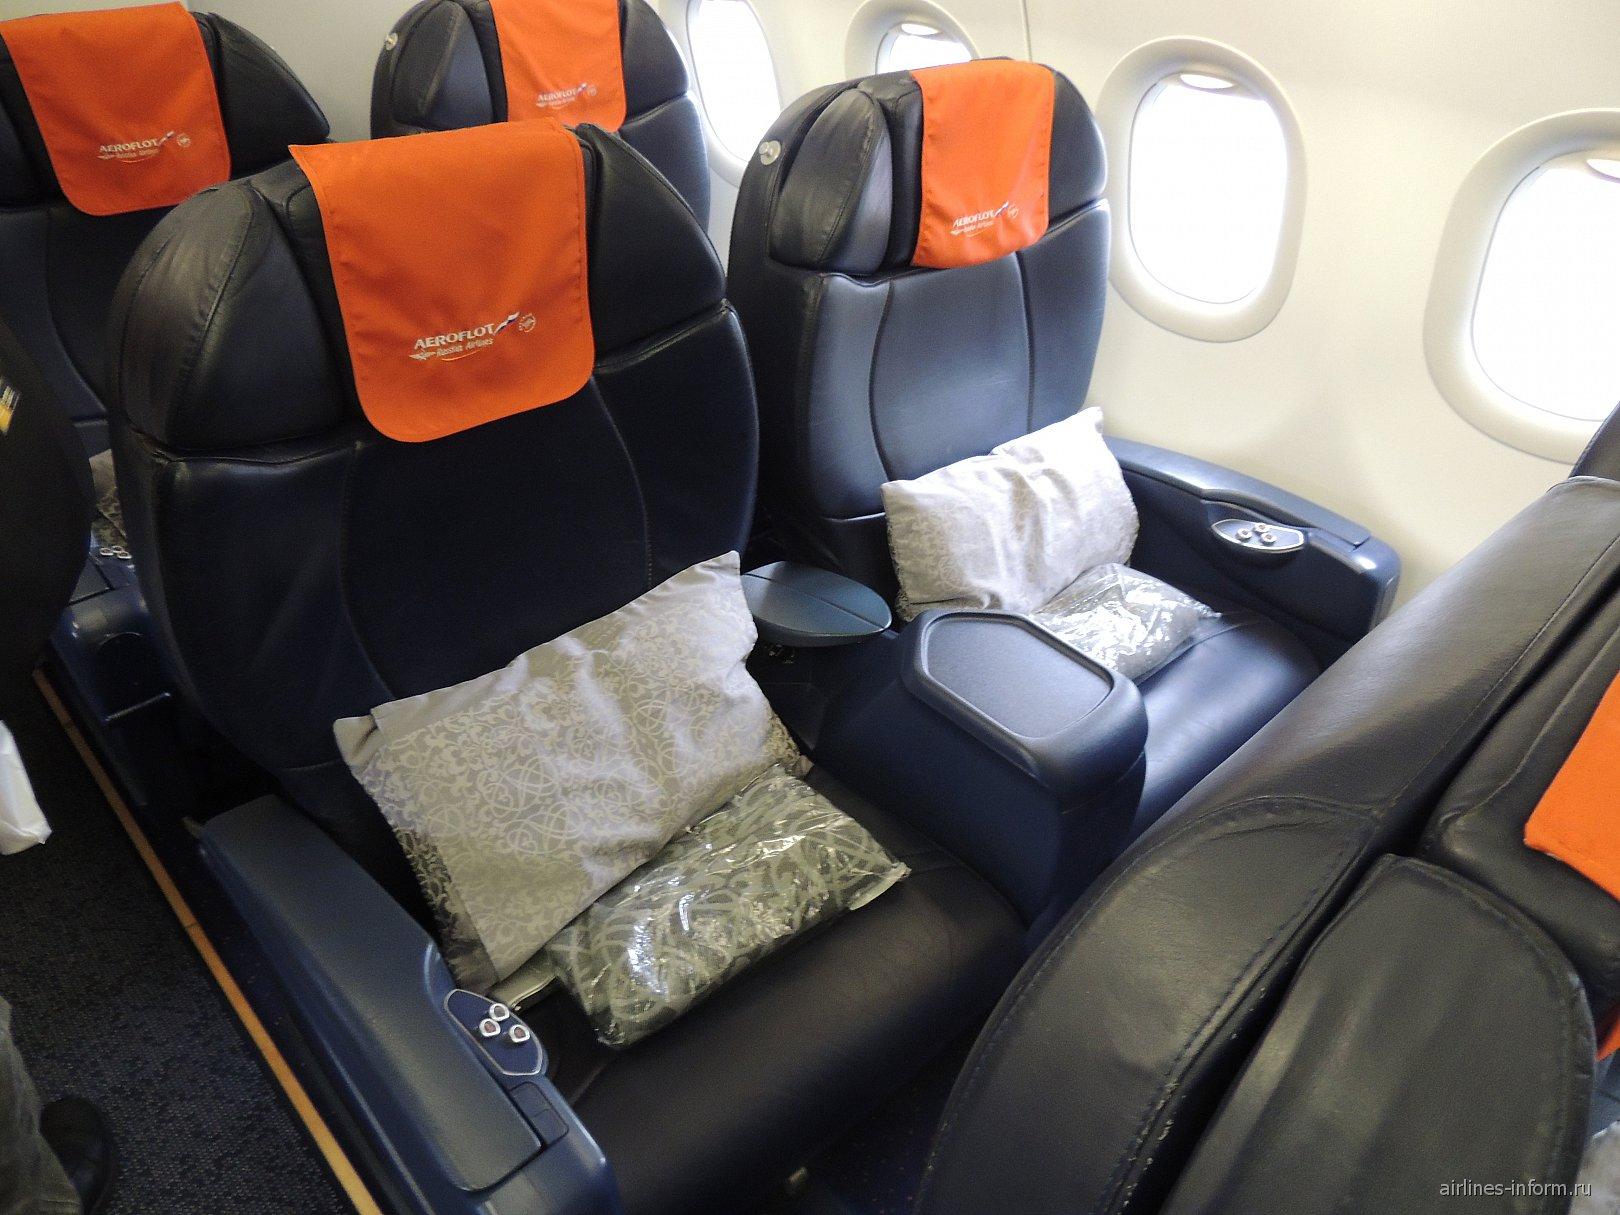 Кресла бизнес-класса в самолете Airbus A320 Аэрофлота